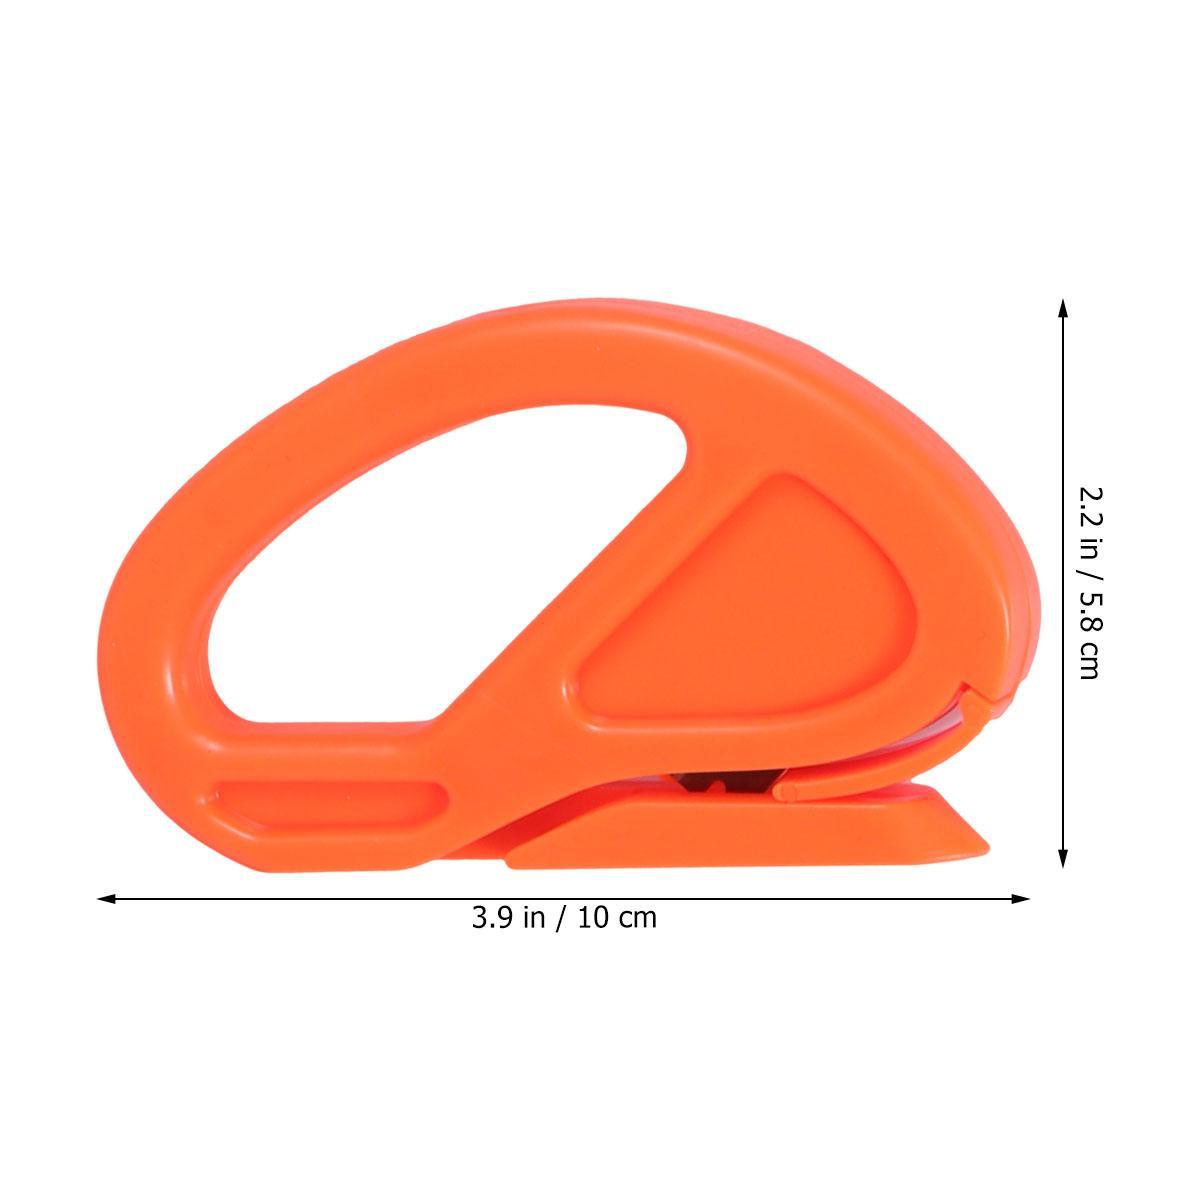 05.02 / 6 / 7Pcs Auto Tönungs Werkzeug Magnetic Squeegee Razor Scraper Carbon-Faser-Foil Werkzeuge Vinylverpackungs-Film-Aufkleber Wrapping-Werkzeug